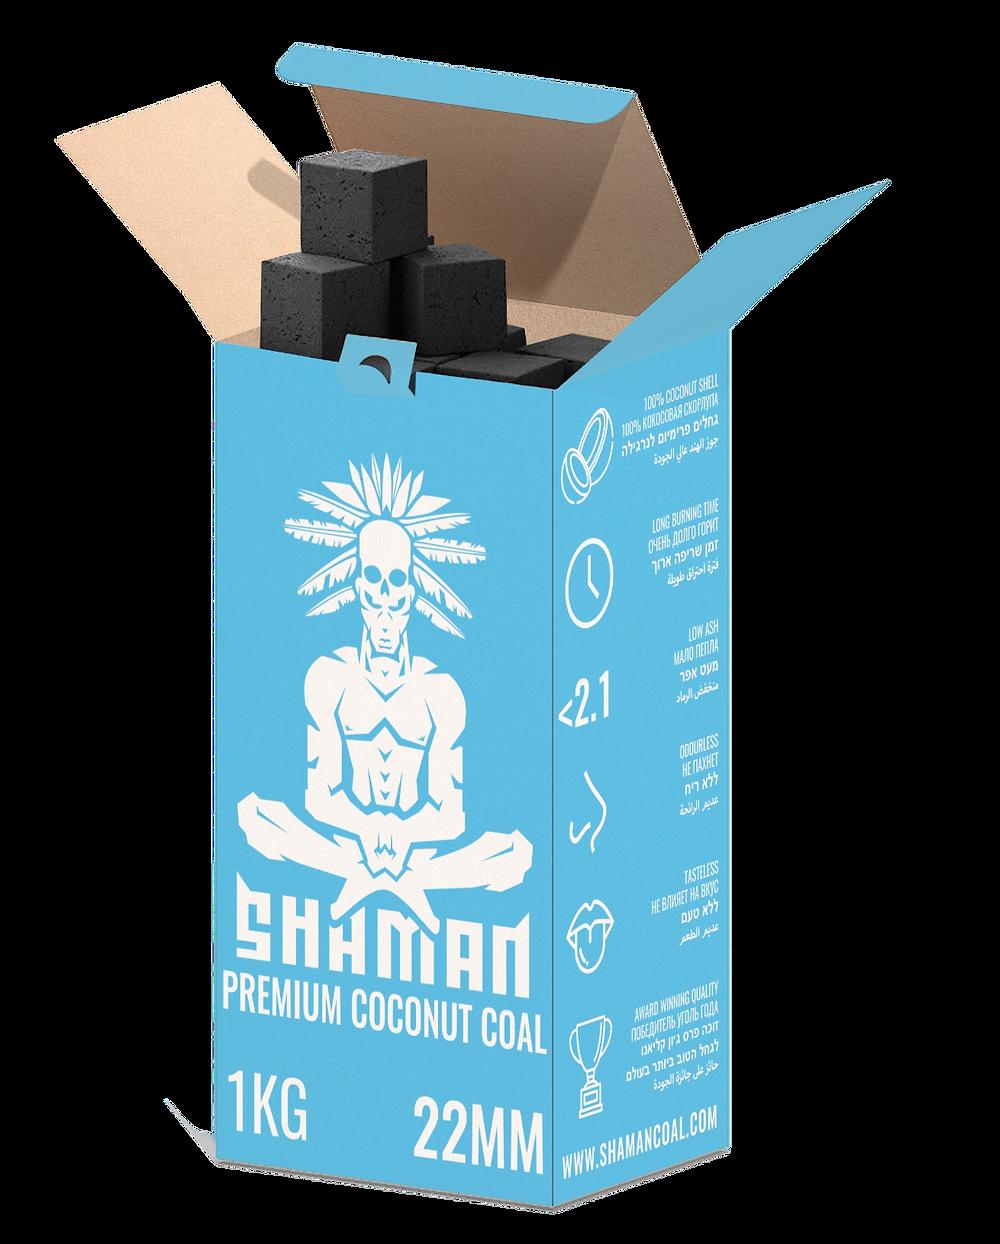 גחלי שאמאן טבעיים לנרגילה המיוצרים מקליפות קוקוס